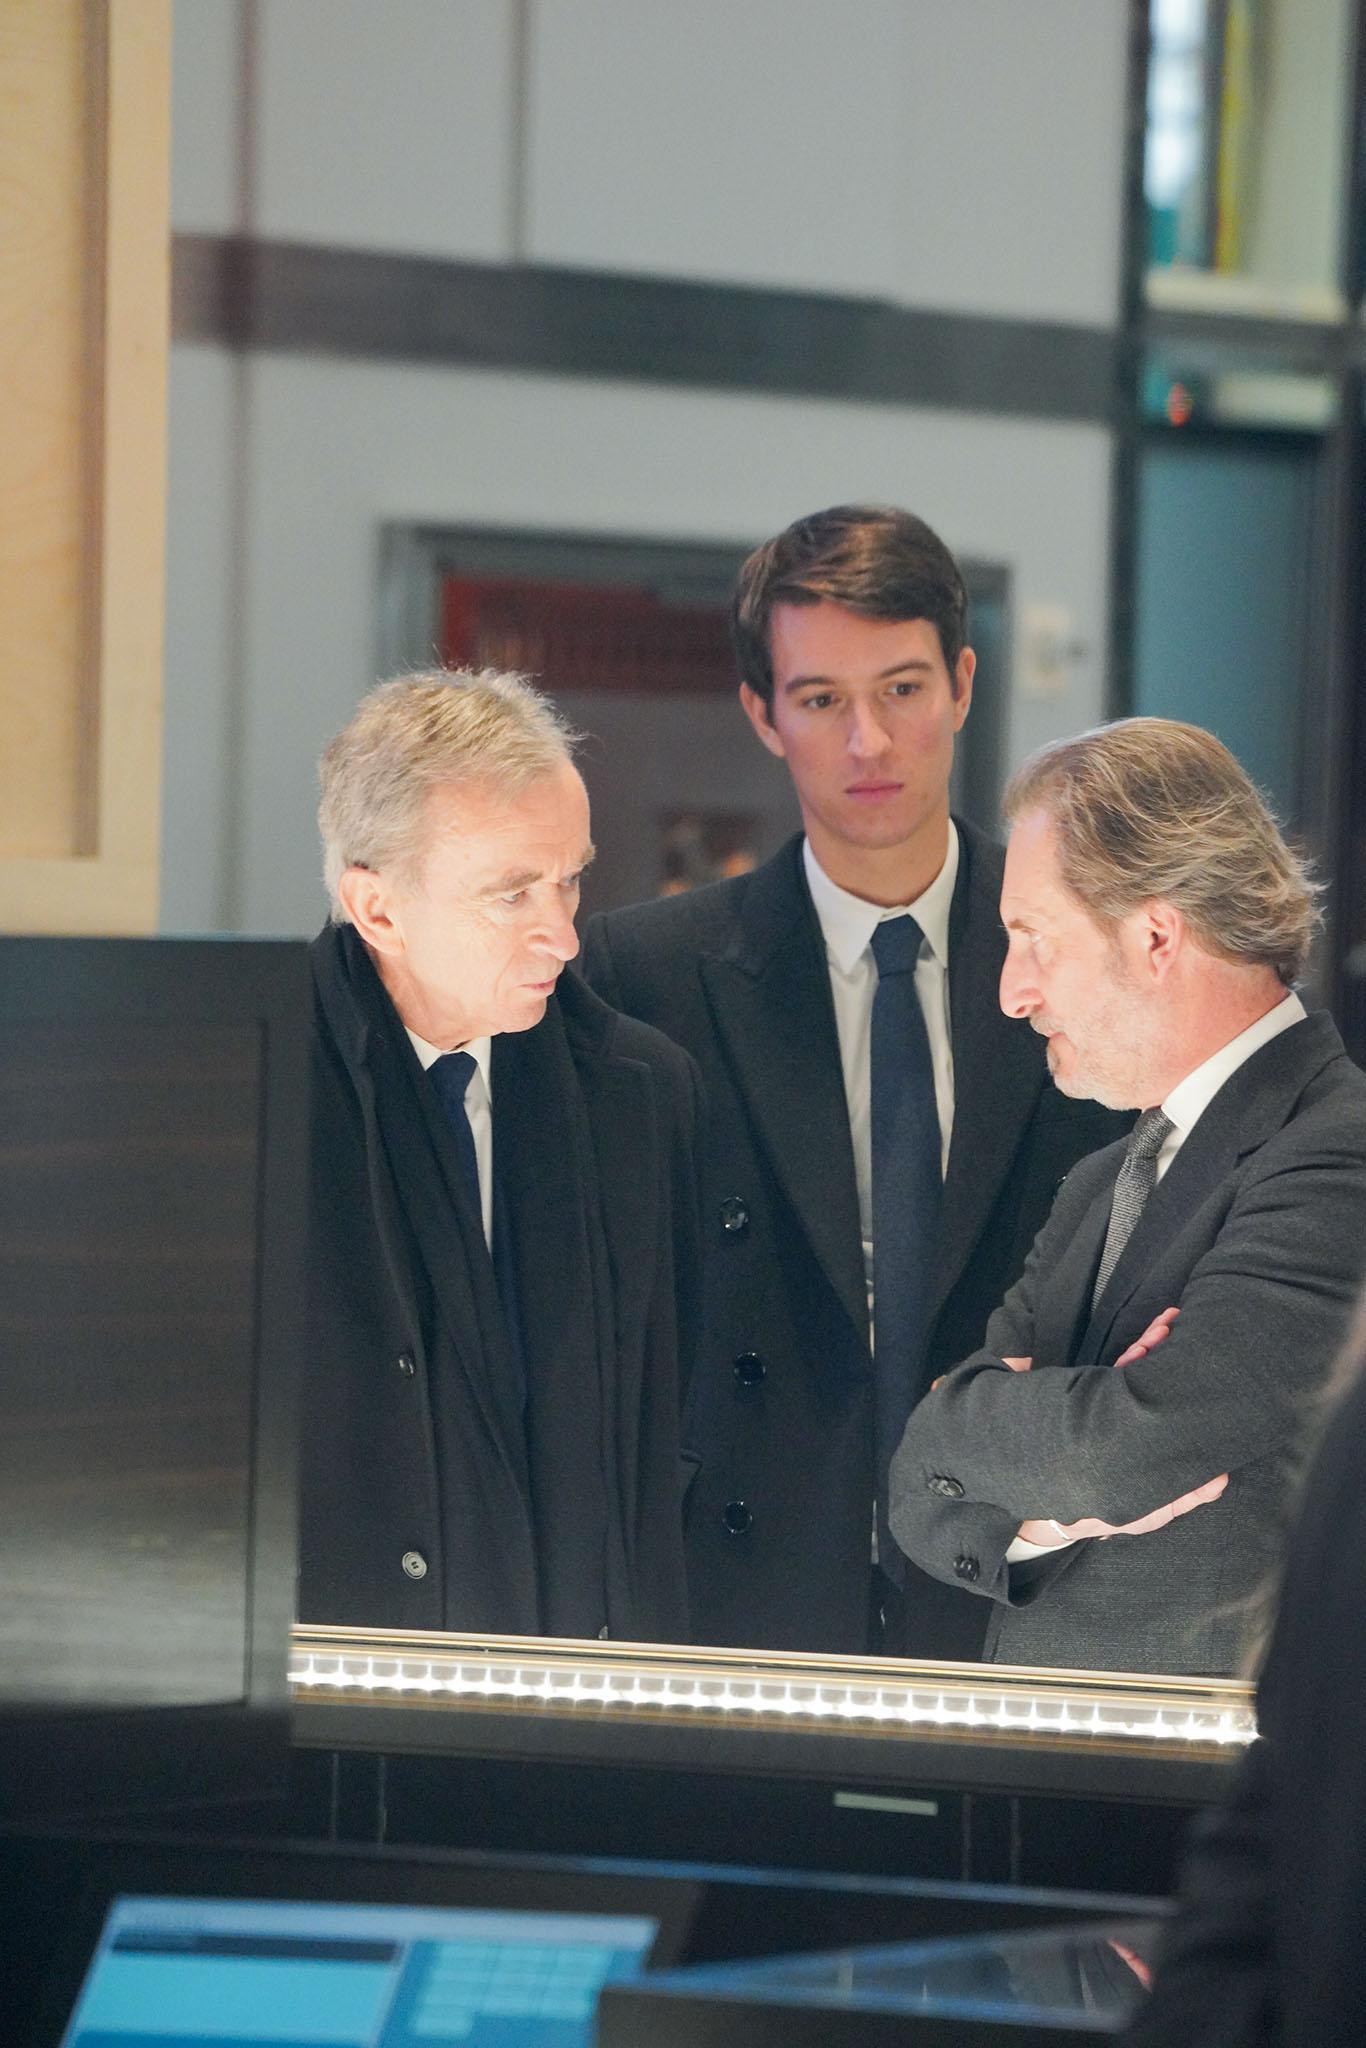 Bernard Arnault Alexandre Arnault Alessandro Bogliolo talking at Tiffany store.